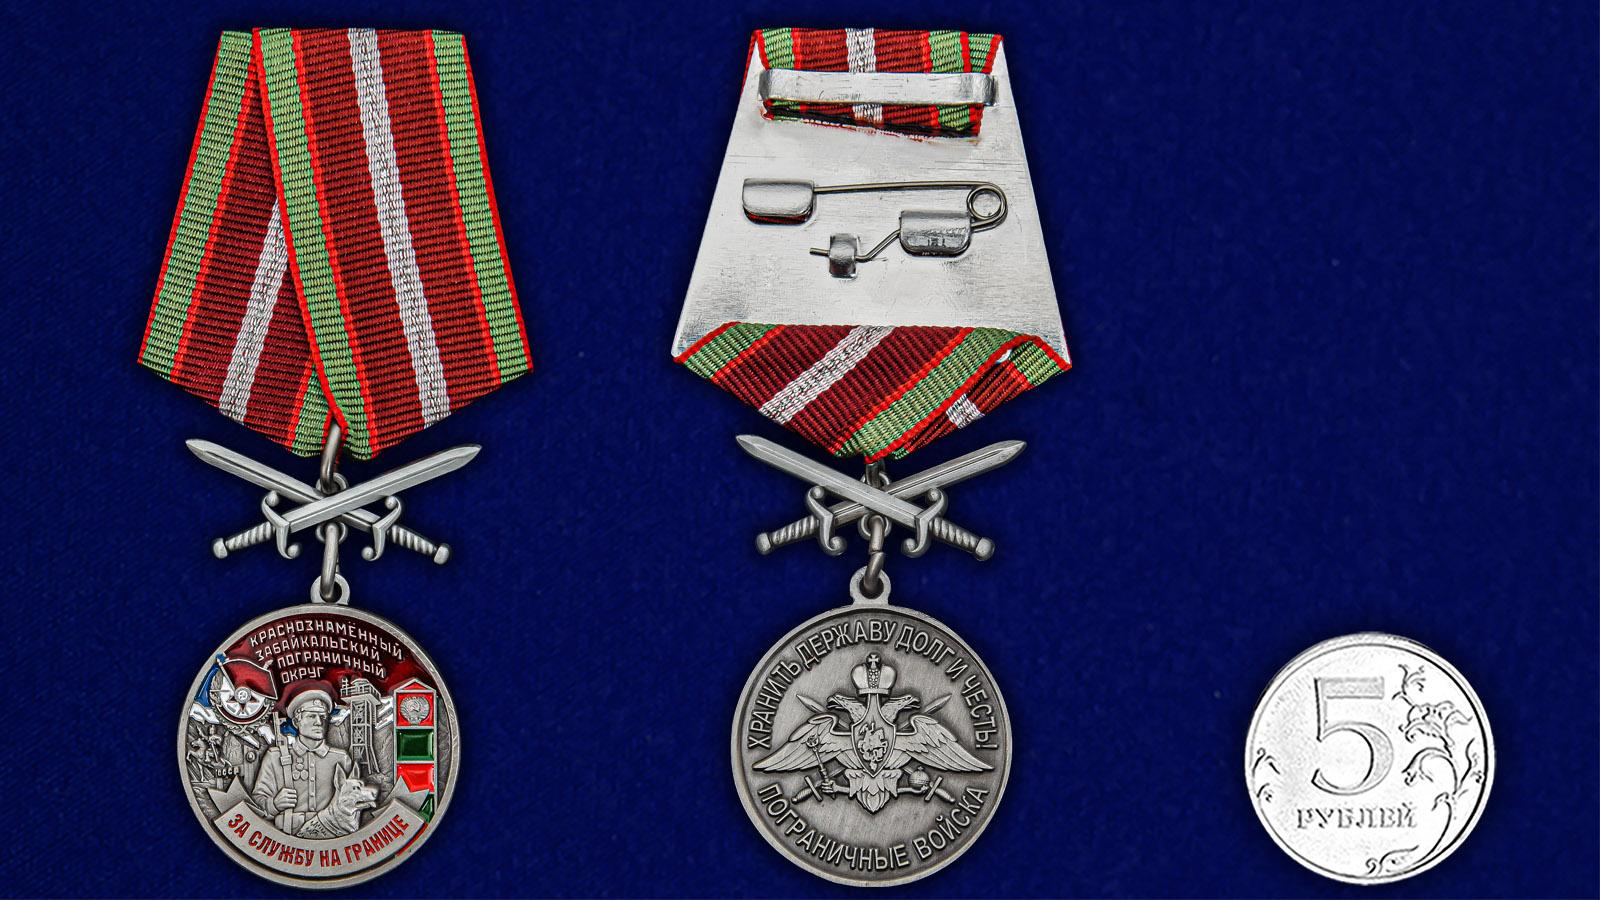 Памятная медаль За службу в Забайкальском пограничном округе - сравнительный вид